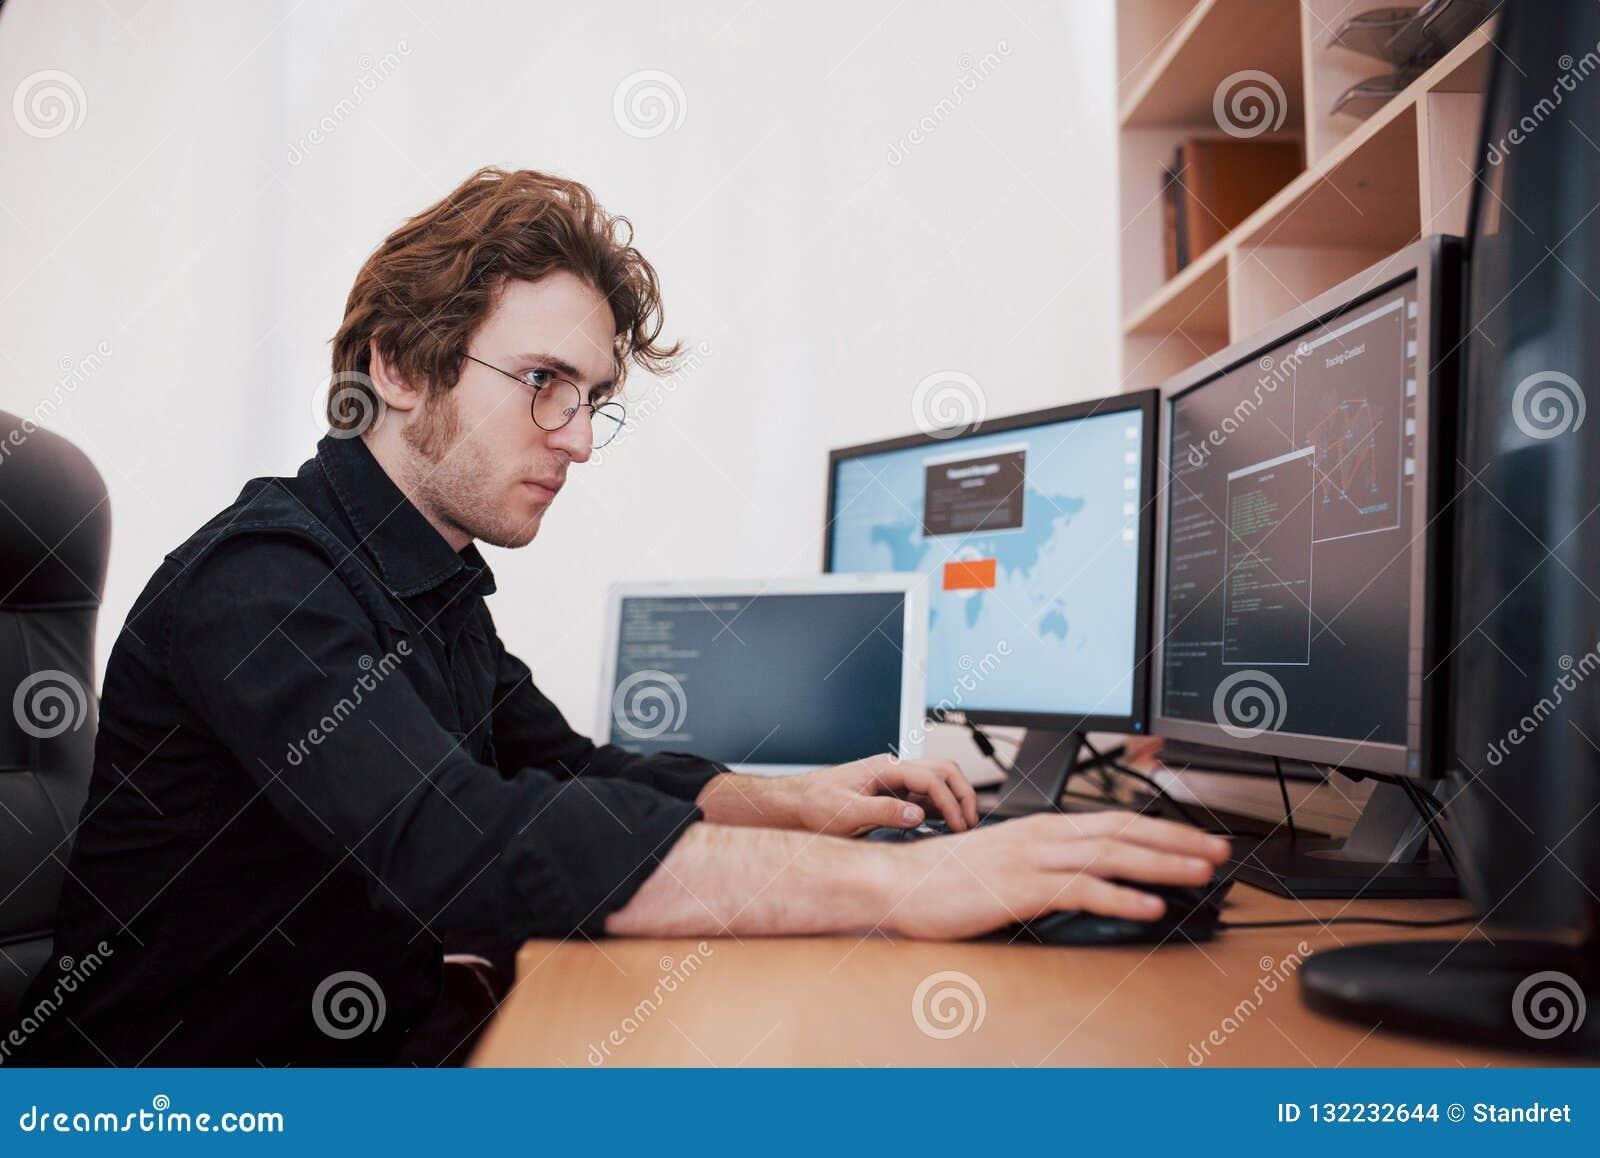 De mannelijke programmeur die aan bureaucomputer met vele monitors op kantoor in software werken ontwikkelt bedrijf Websiteontwer